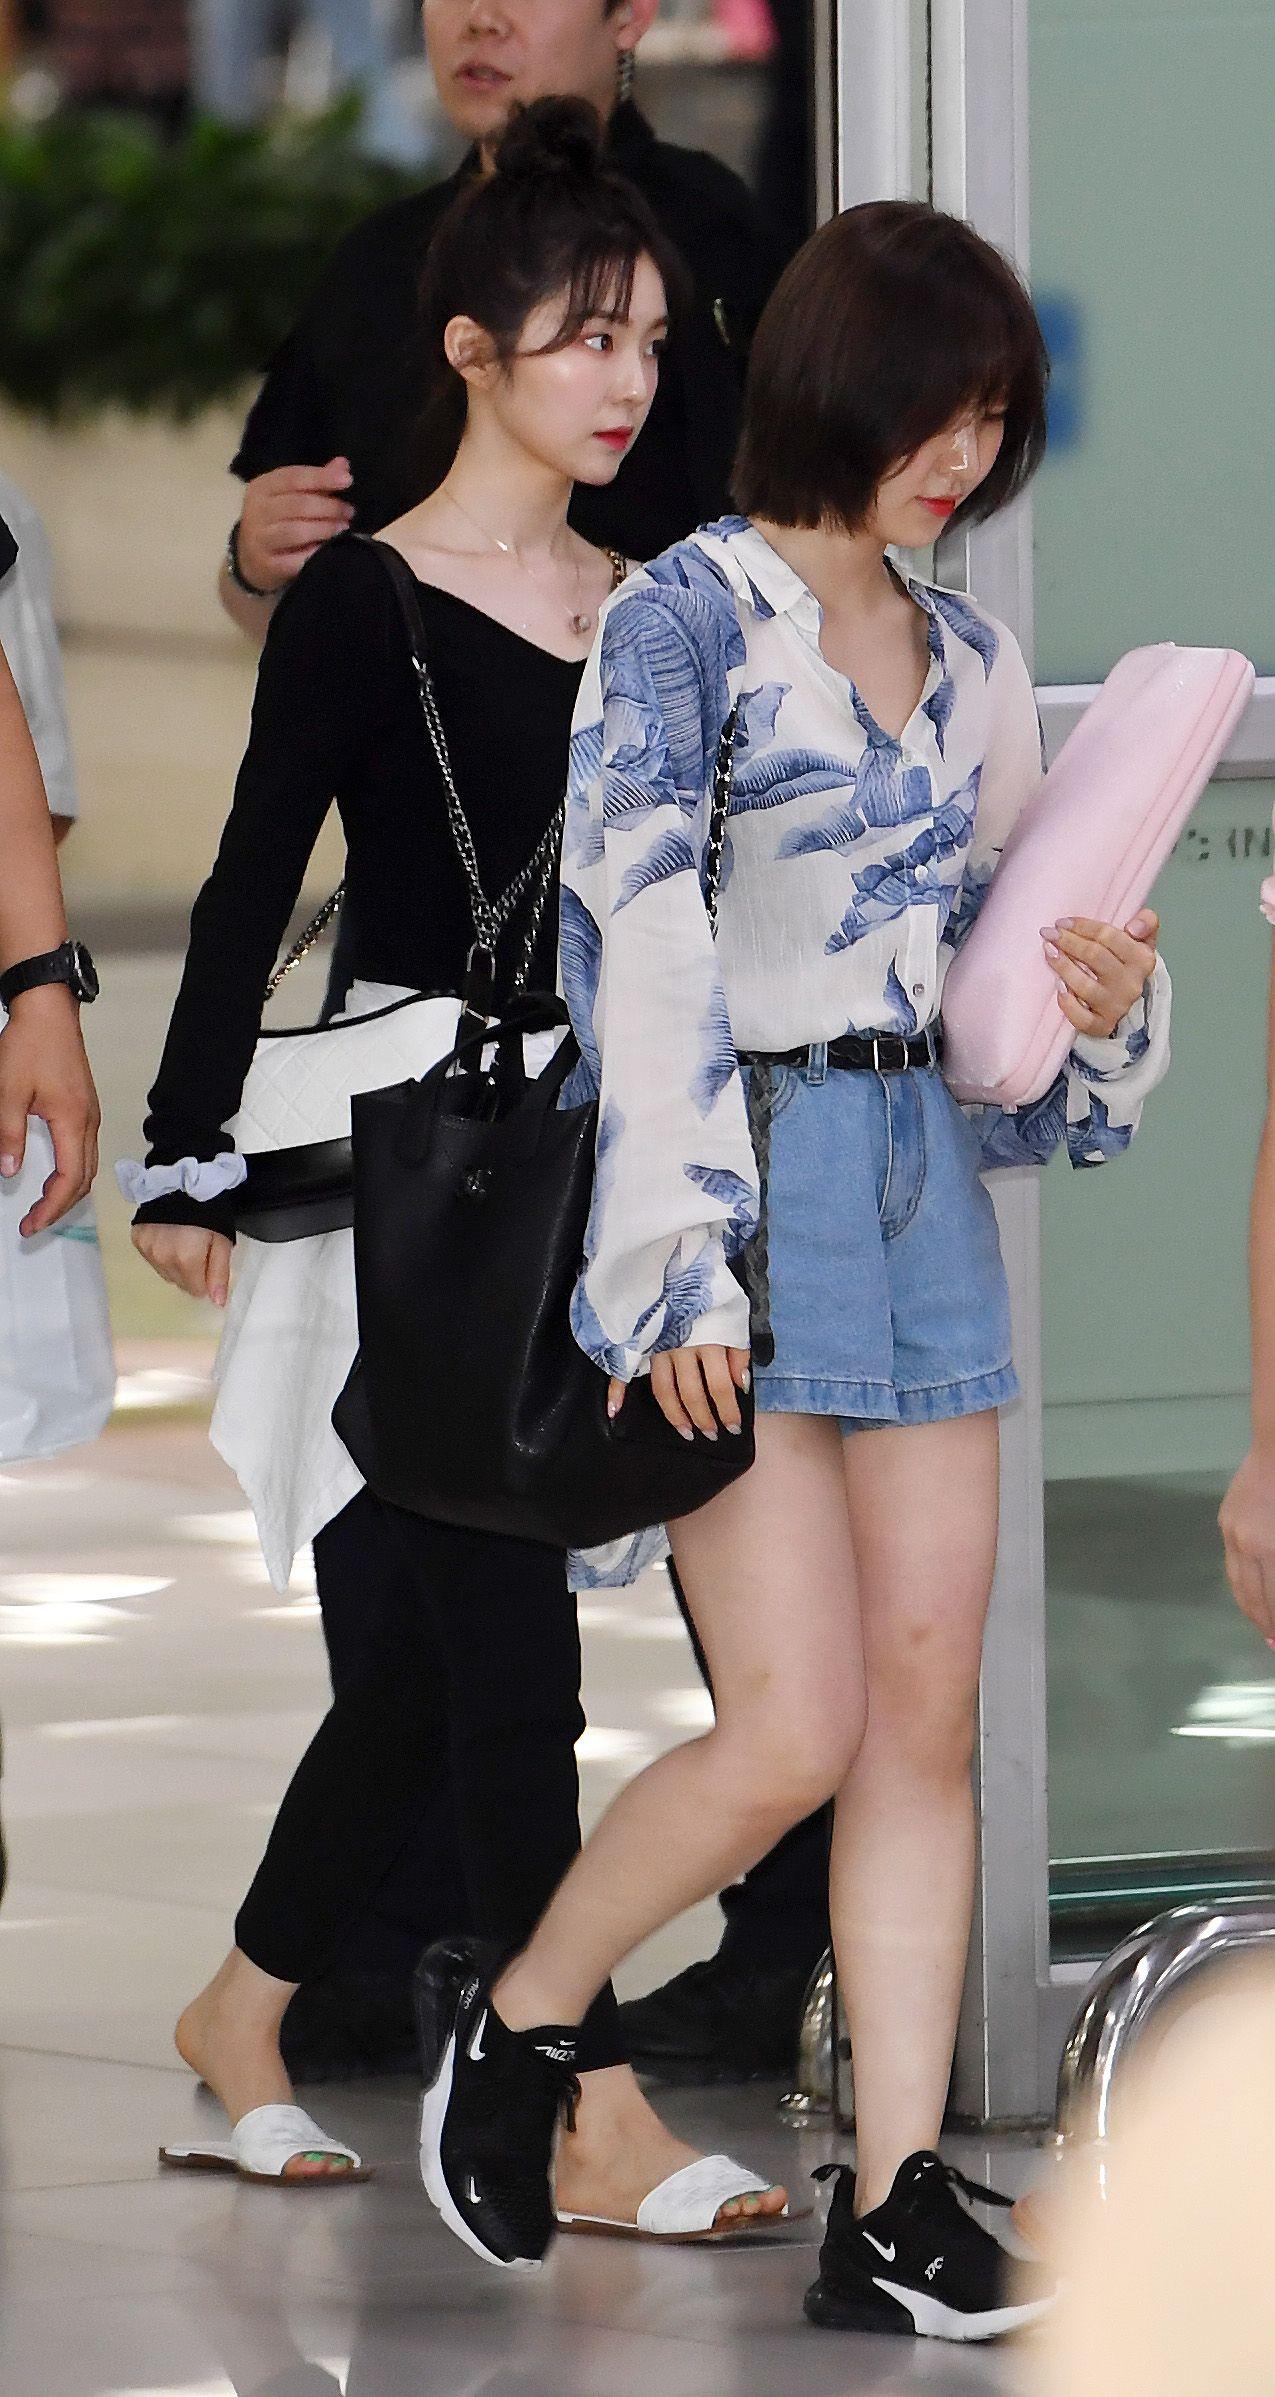 Red Velvet Irene Yeri Feet R Kpopfeets Kpopfeets Kpop Red Velvet Irene Velvet Clothes Wendy Red Velvet